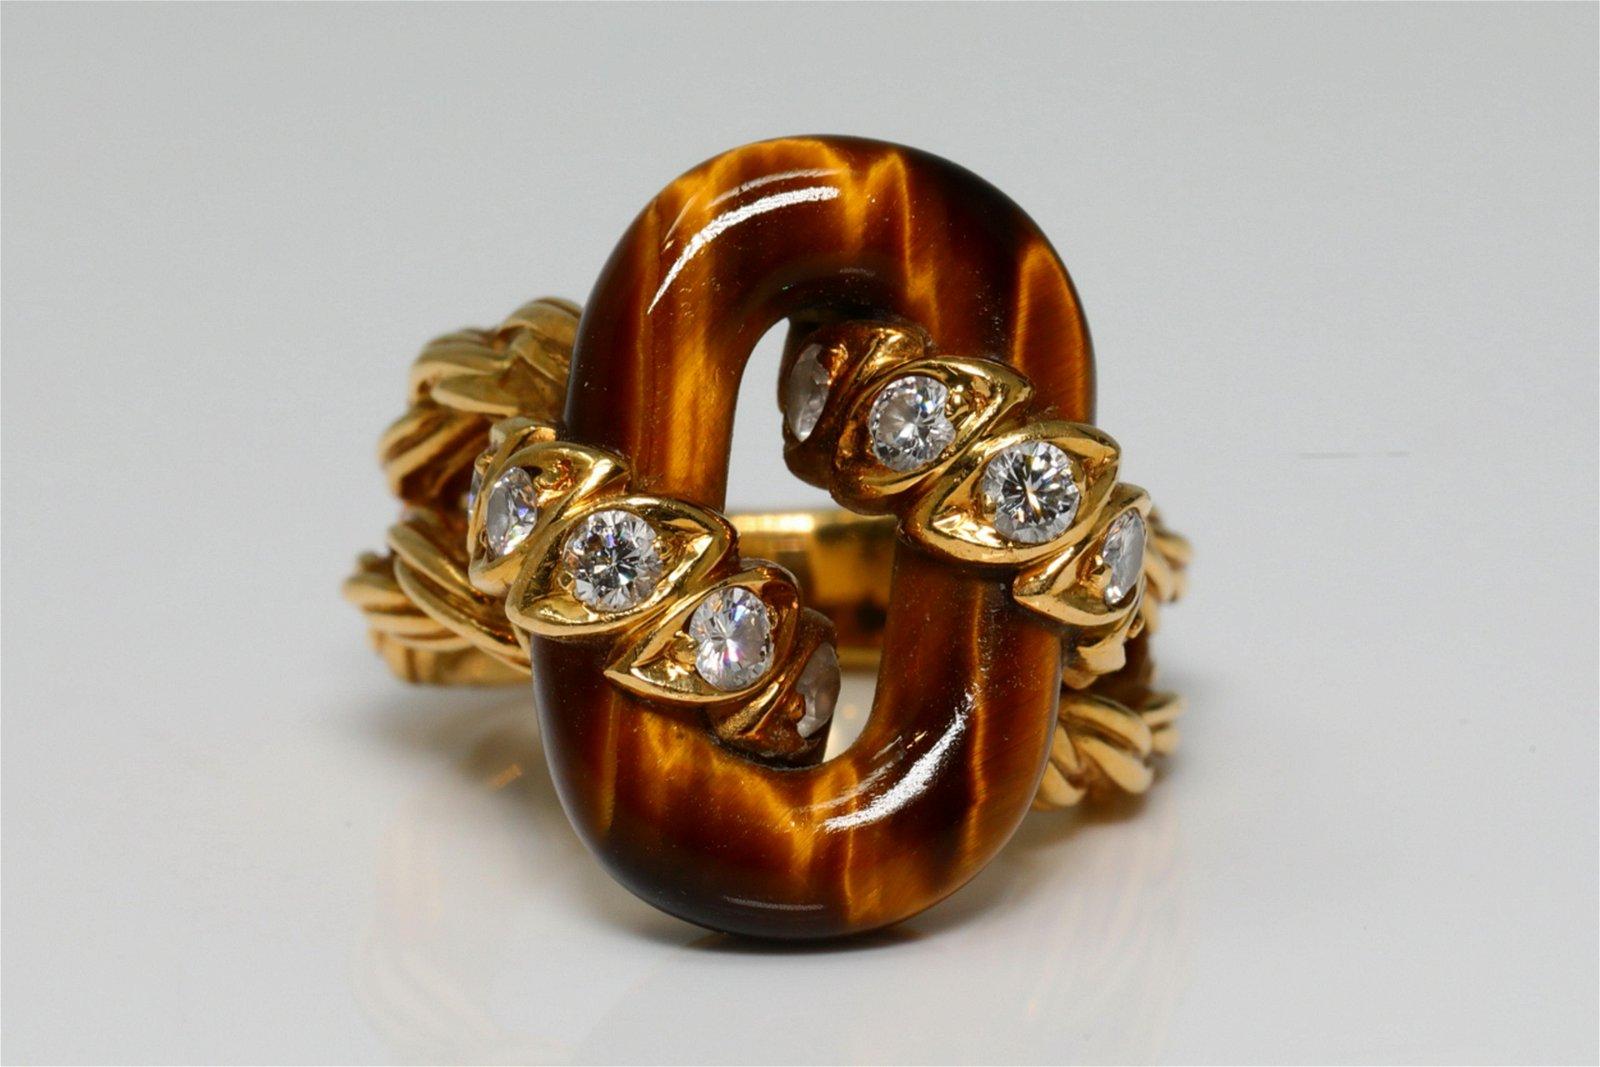 Van Cleef & Arpels Diamond, Tiger's Eye & 18K Ring